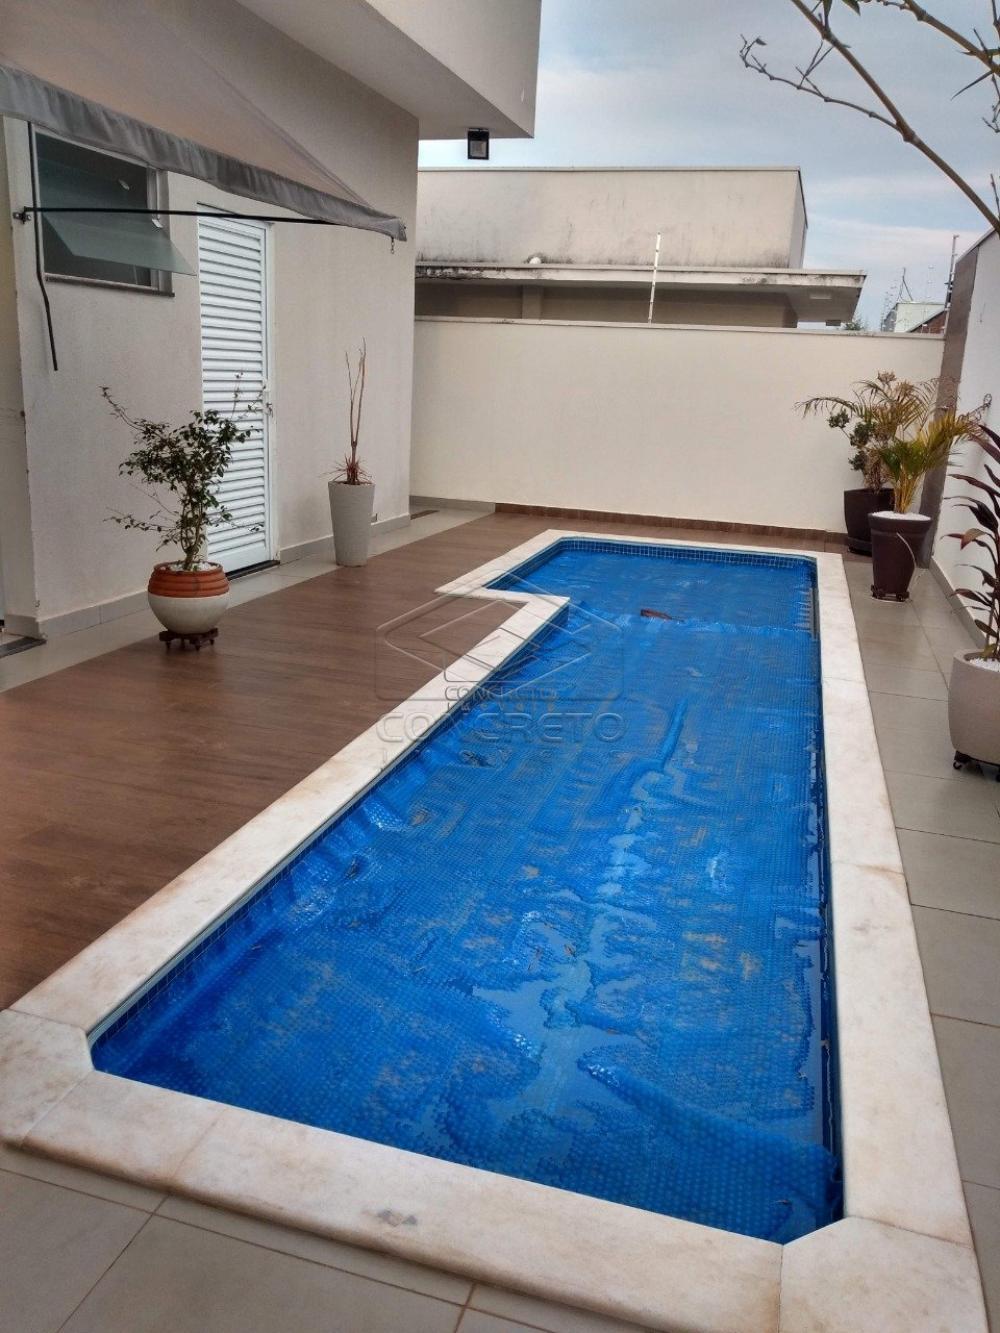 Comprar Casa / Padrão em Bauru apenas R$ 850.000,00 - Foto 1